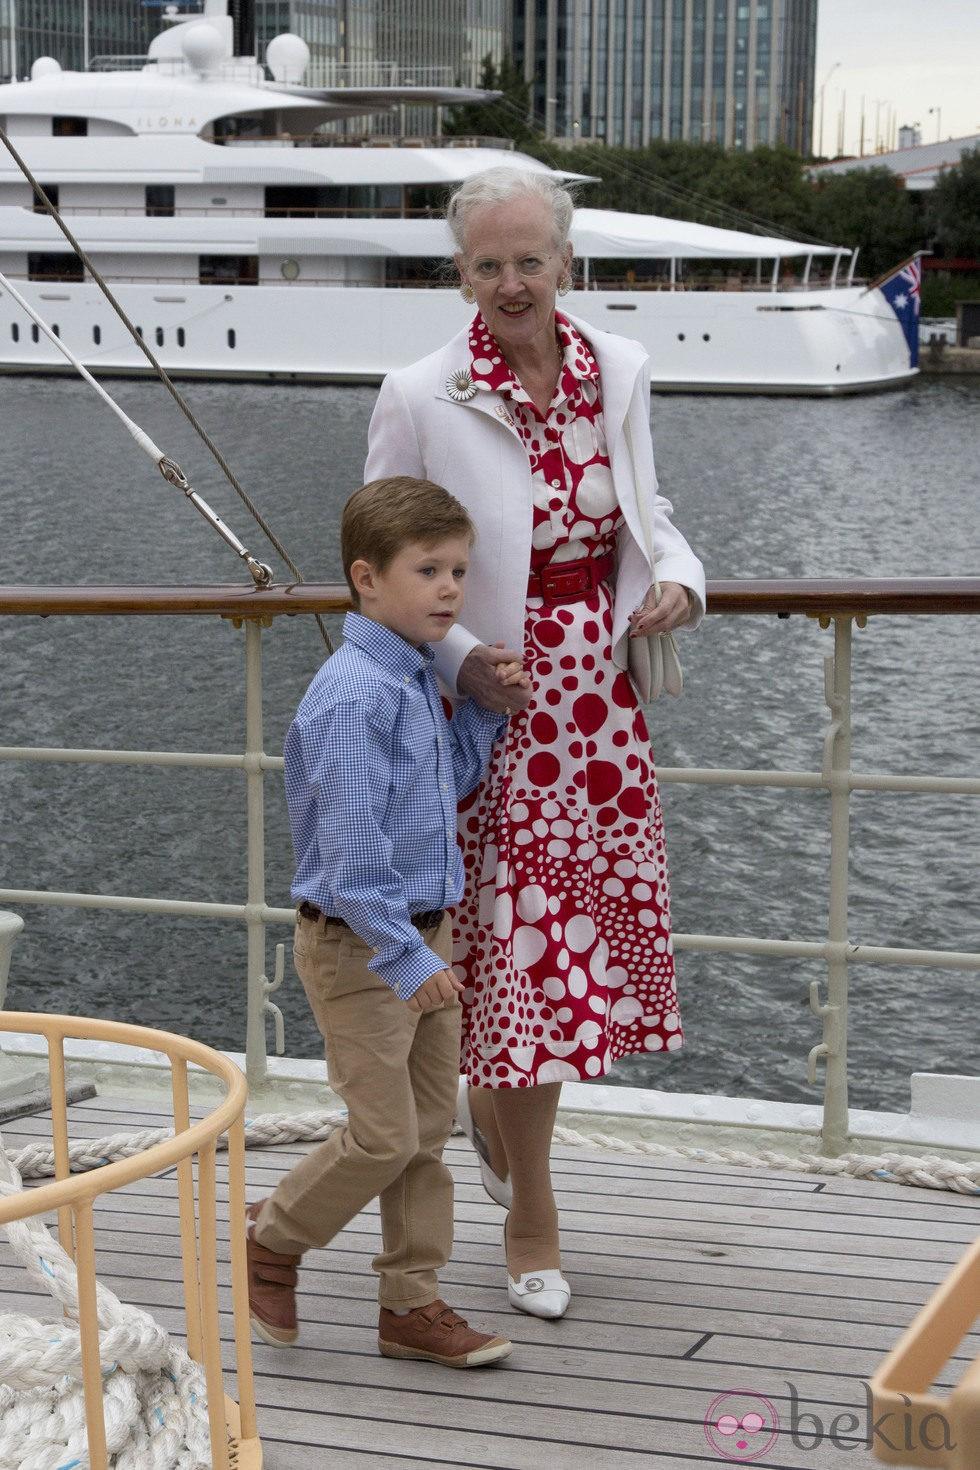 La Reina Margarita y Christian de Dinamarca en la recepción en el Dannebrog en Londres 2012